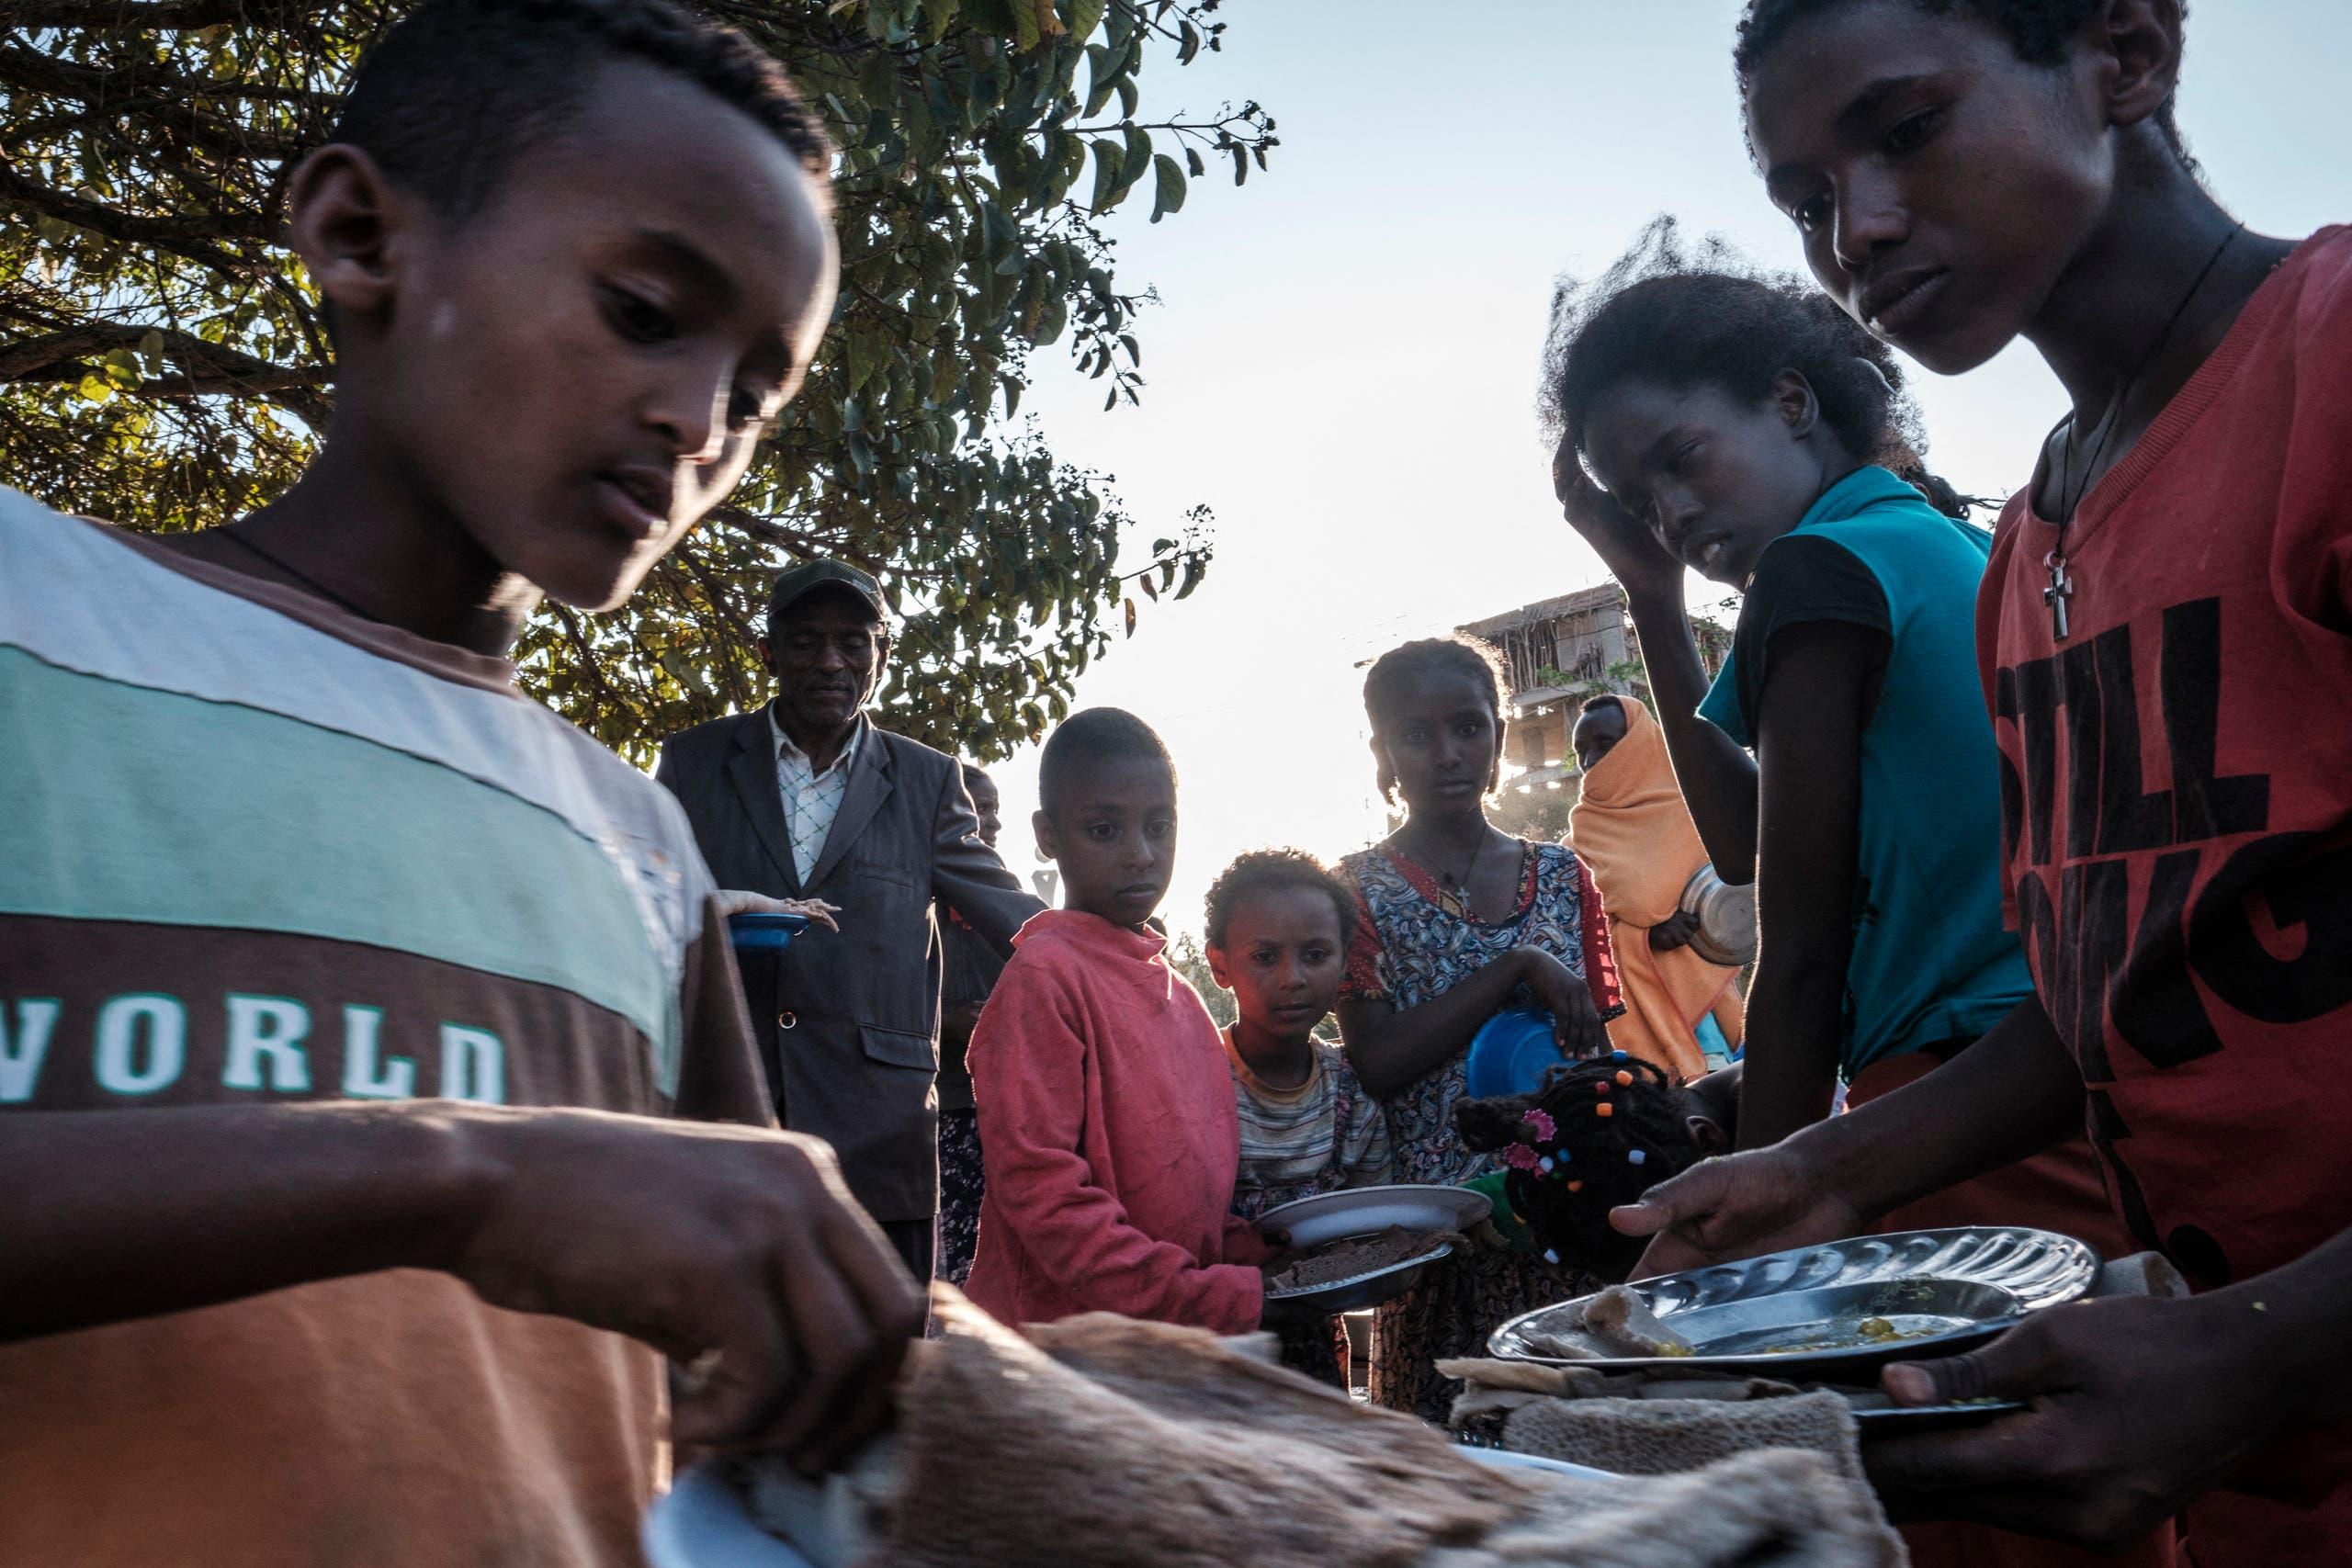 أطفال نازحون في تيغراي يتلقون وجبات غذائية (أرشيفية)